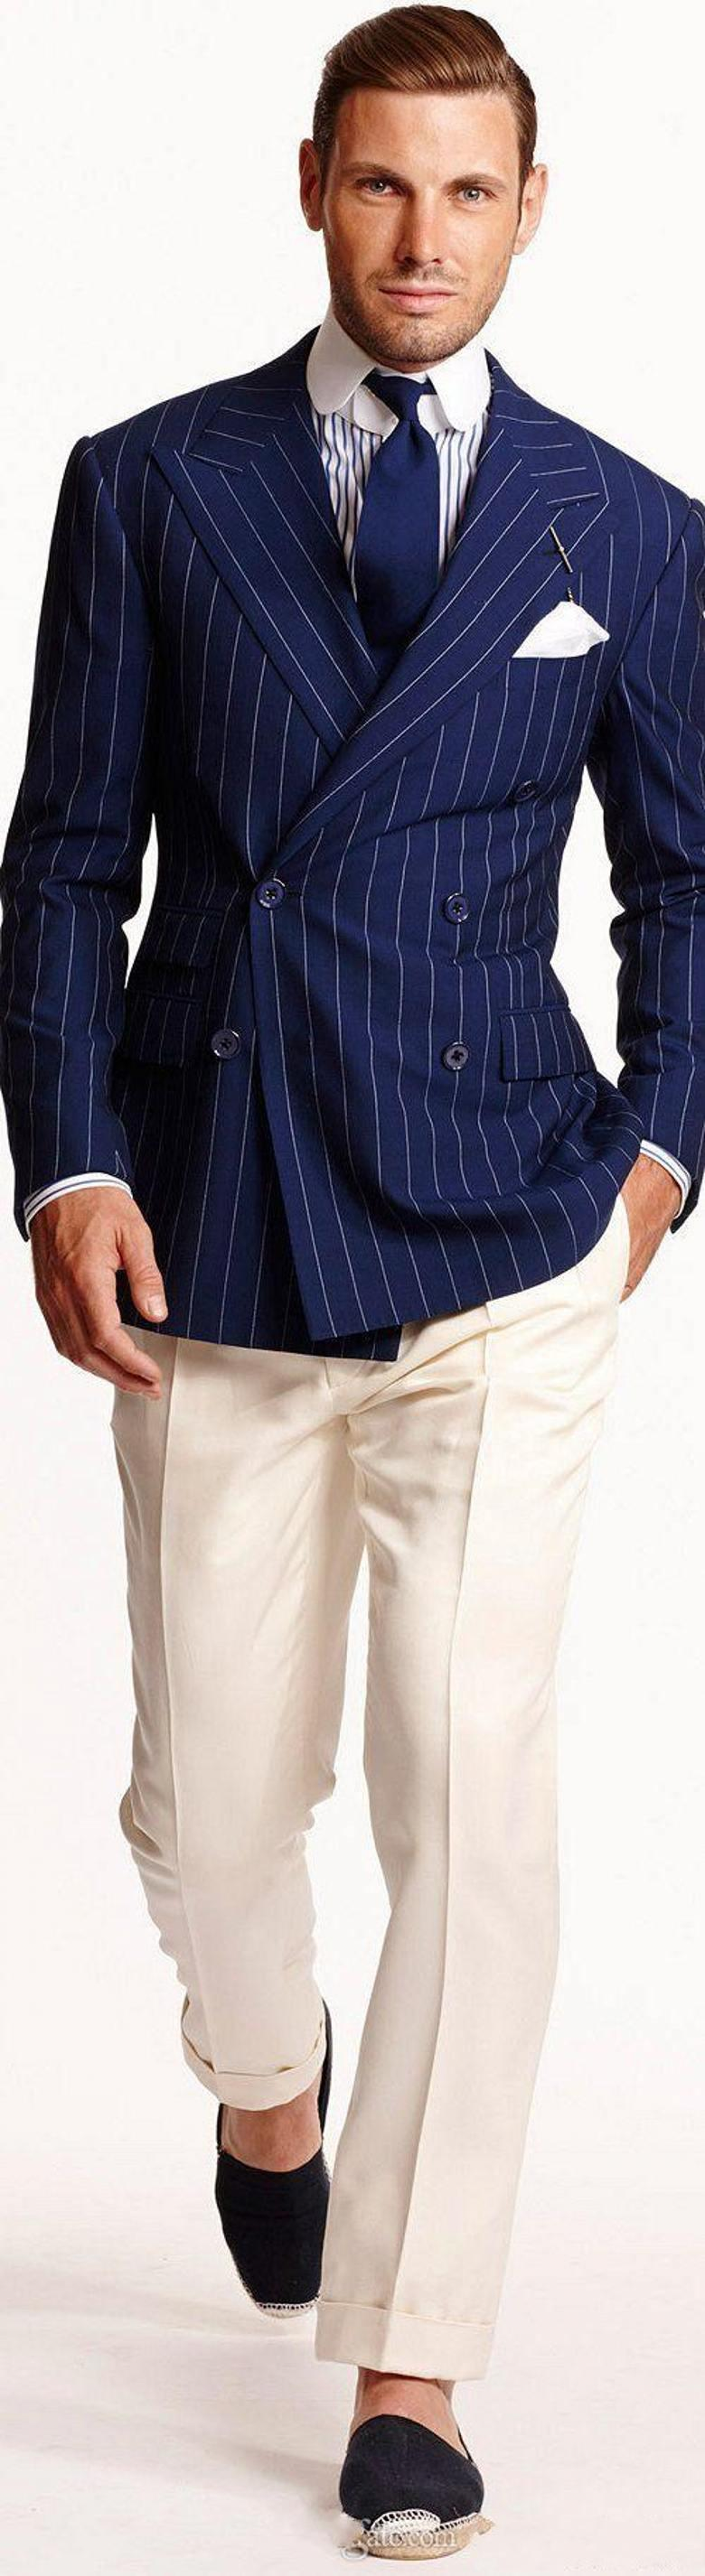 Yeni Popüler çift Breasted Mavi Tepe Yaka İki adet İş Damat smokin (Ceket + Pantolon + Kravat) W1238 Düğün Erkekler Suits Şeritleri